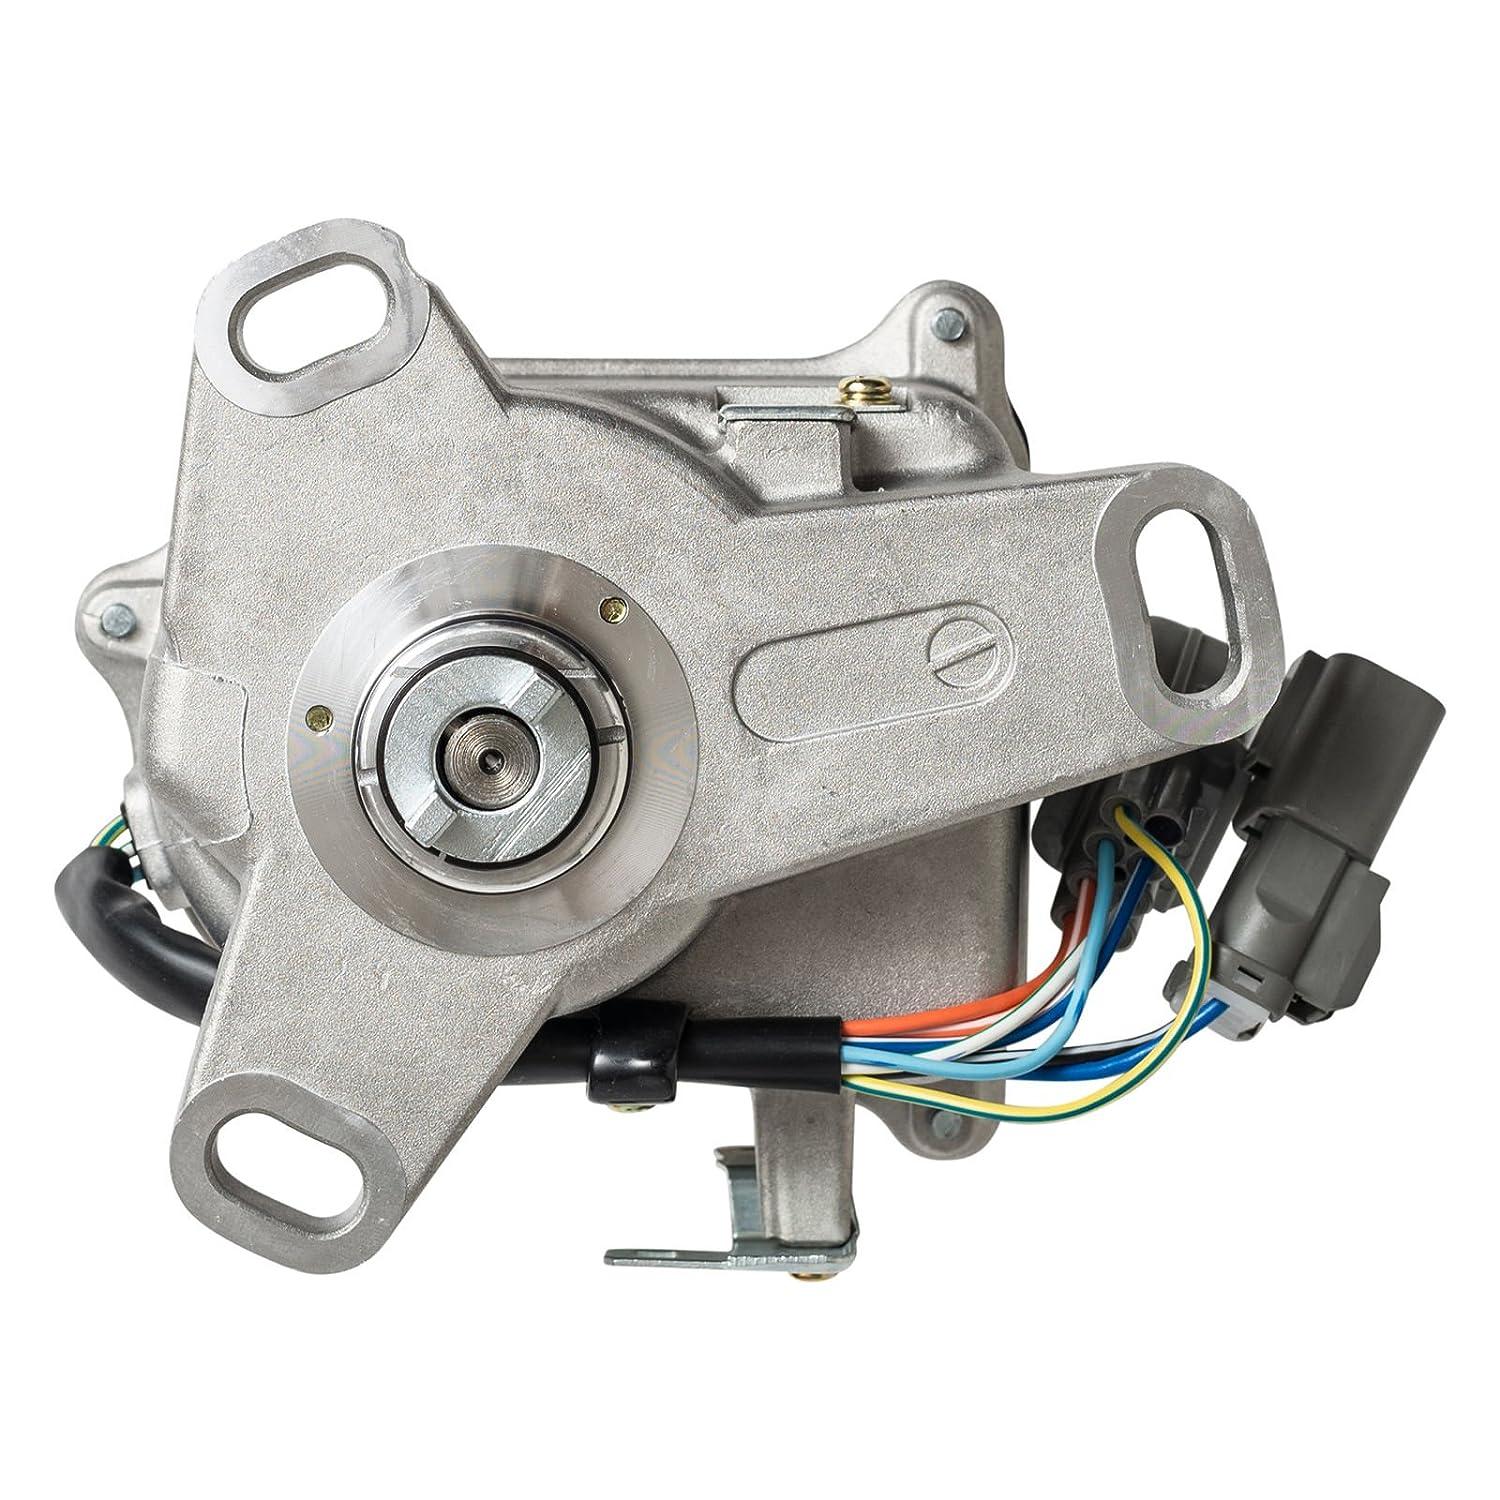 Ignition Distributor for 92-96 Honda Prelude 2.2L Jdm H22A S//Vtec fits TD-60U TD60U